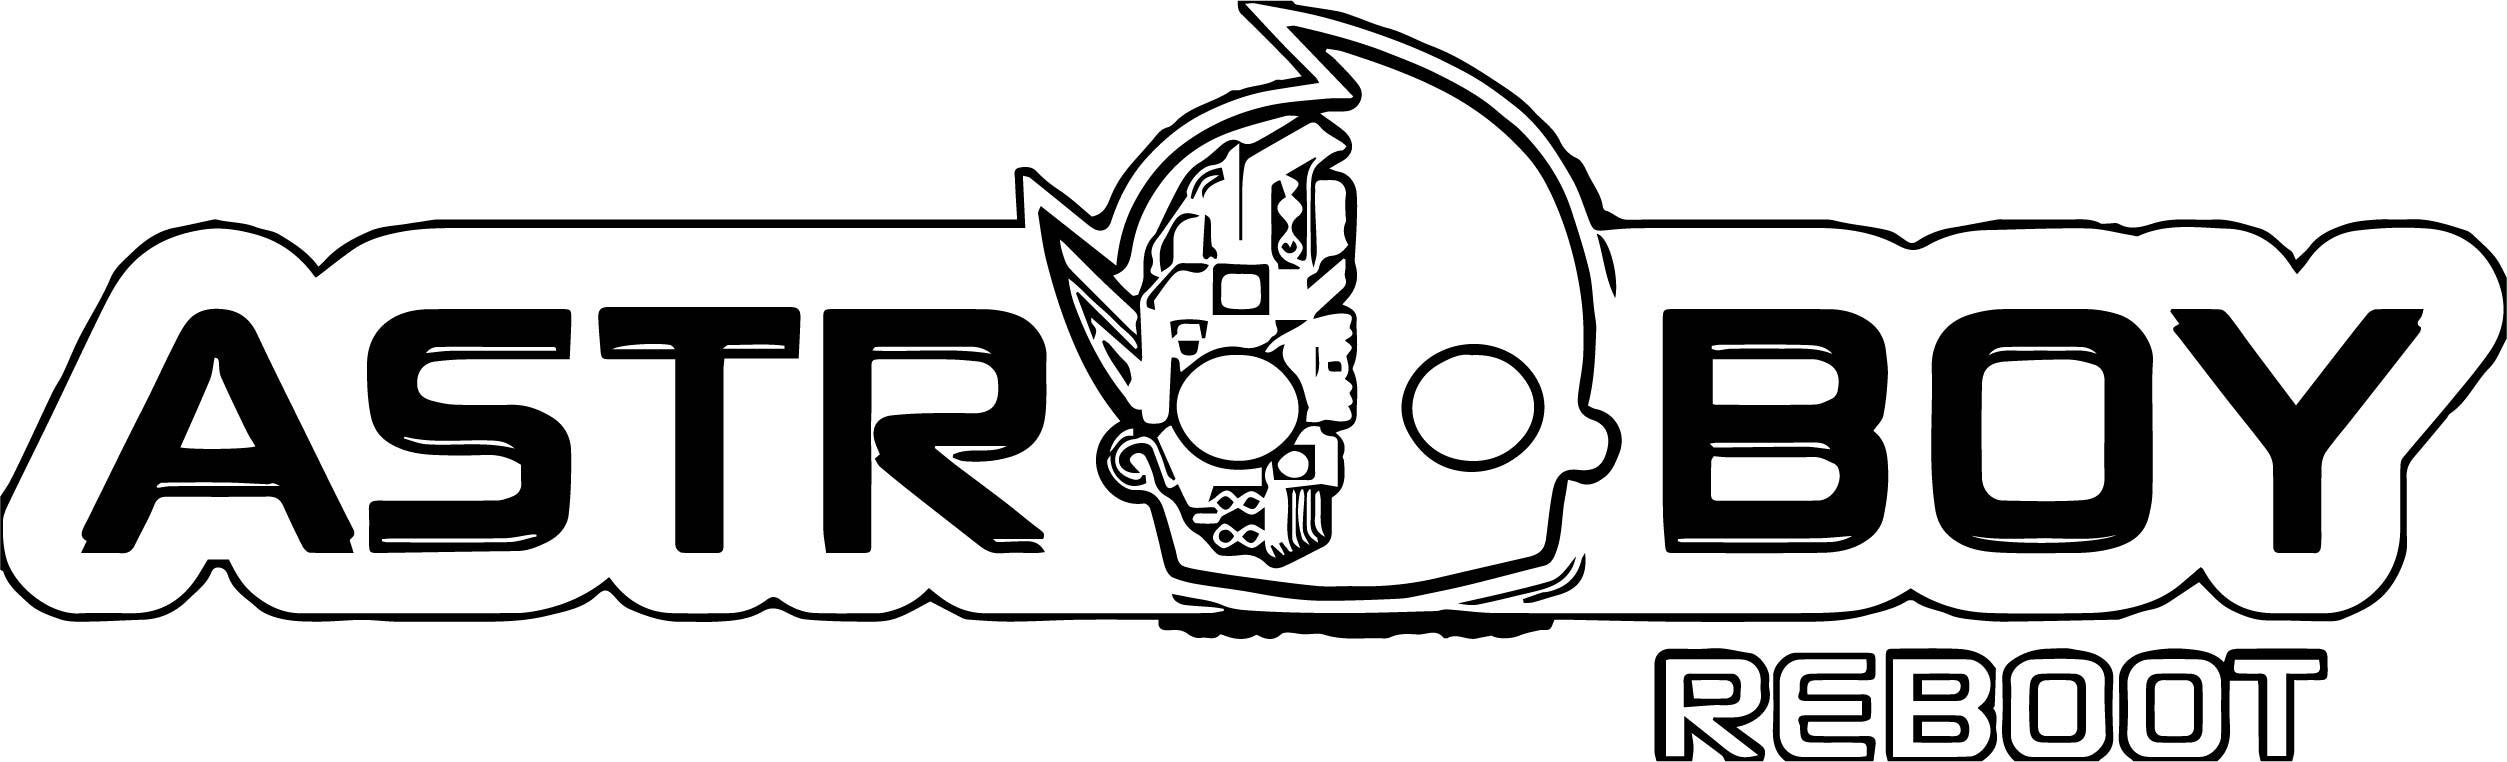 Astro Boy Reboot Logo Coloring Page